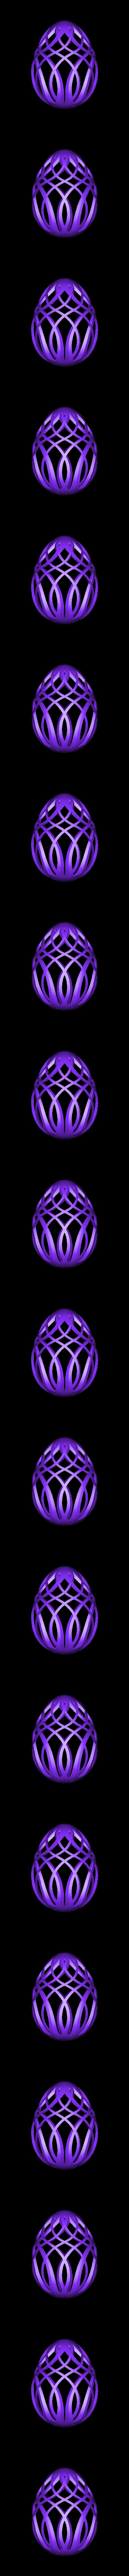 Easter_Egg_2-2020.stl Télécharger fichier STL gratuit Collection d'œufs de Pâques en résine 2 • Plan à imprimer en 3D, ChrisBobo